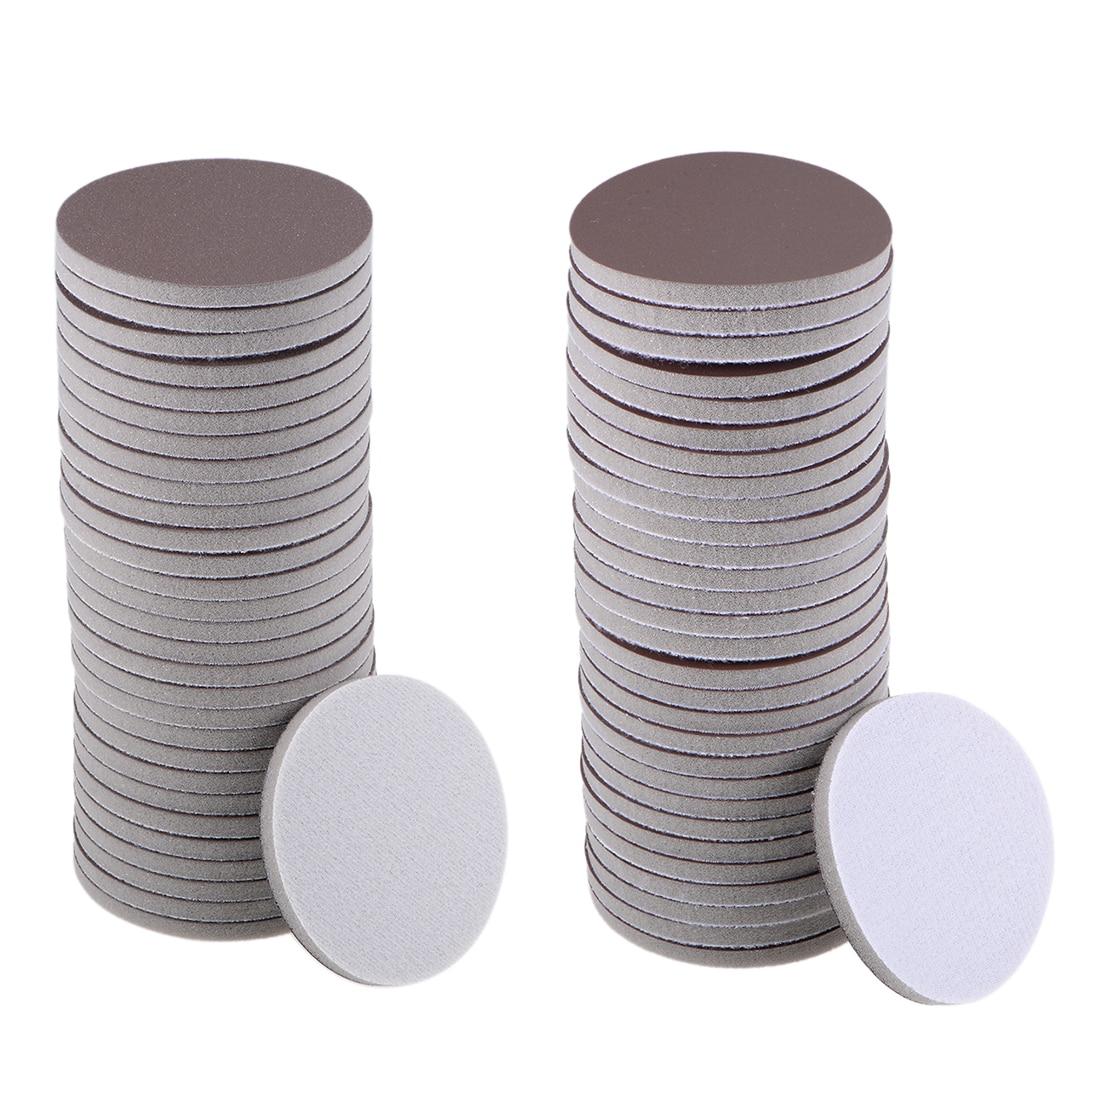 Uxcell 30Pcs 3-Inch Sanding Sponge Hook And Loop Sanding Disc Wet Dry For Car Wood Drywall Metal Brown Corundum Wood Metal